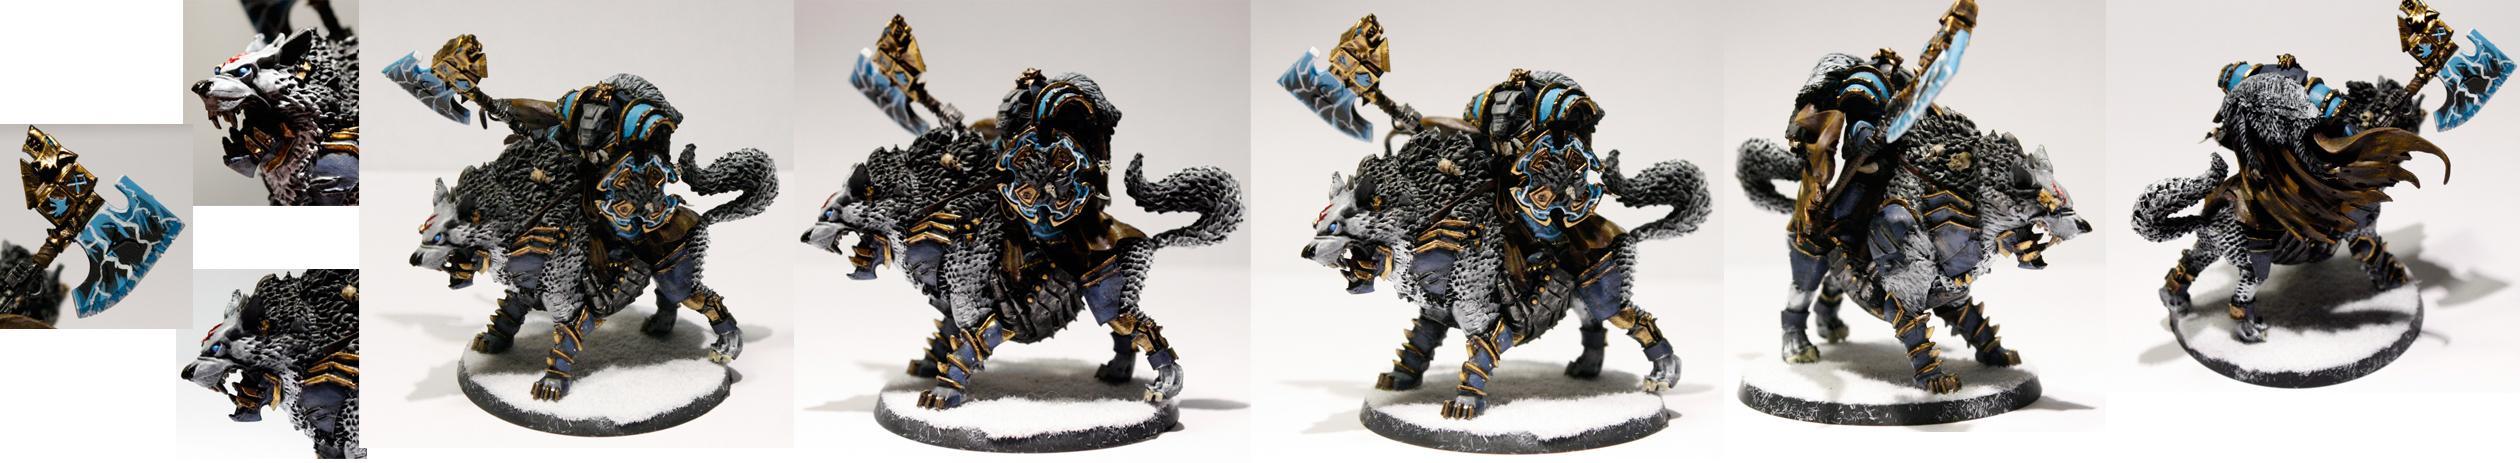 Grey Hunters, Sakrileg, Space Wolves, Standard Bearer, Storm Shield, Storm Wolves, Thunder Hammer, Thunderwolf, Wolf Lord, Wulfgar Thunderfang